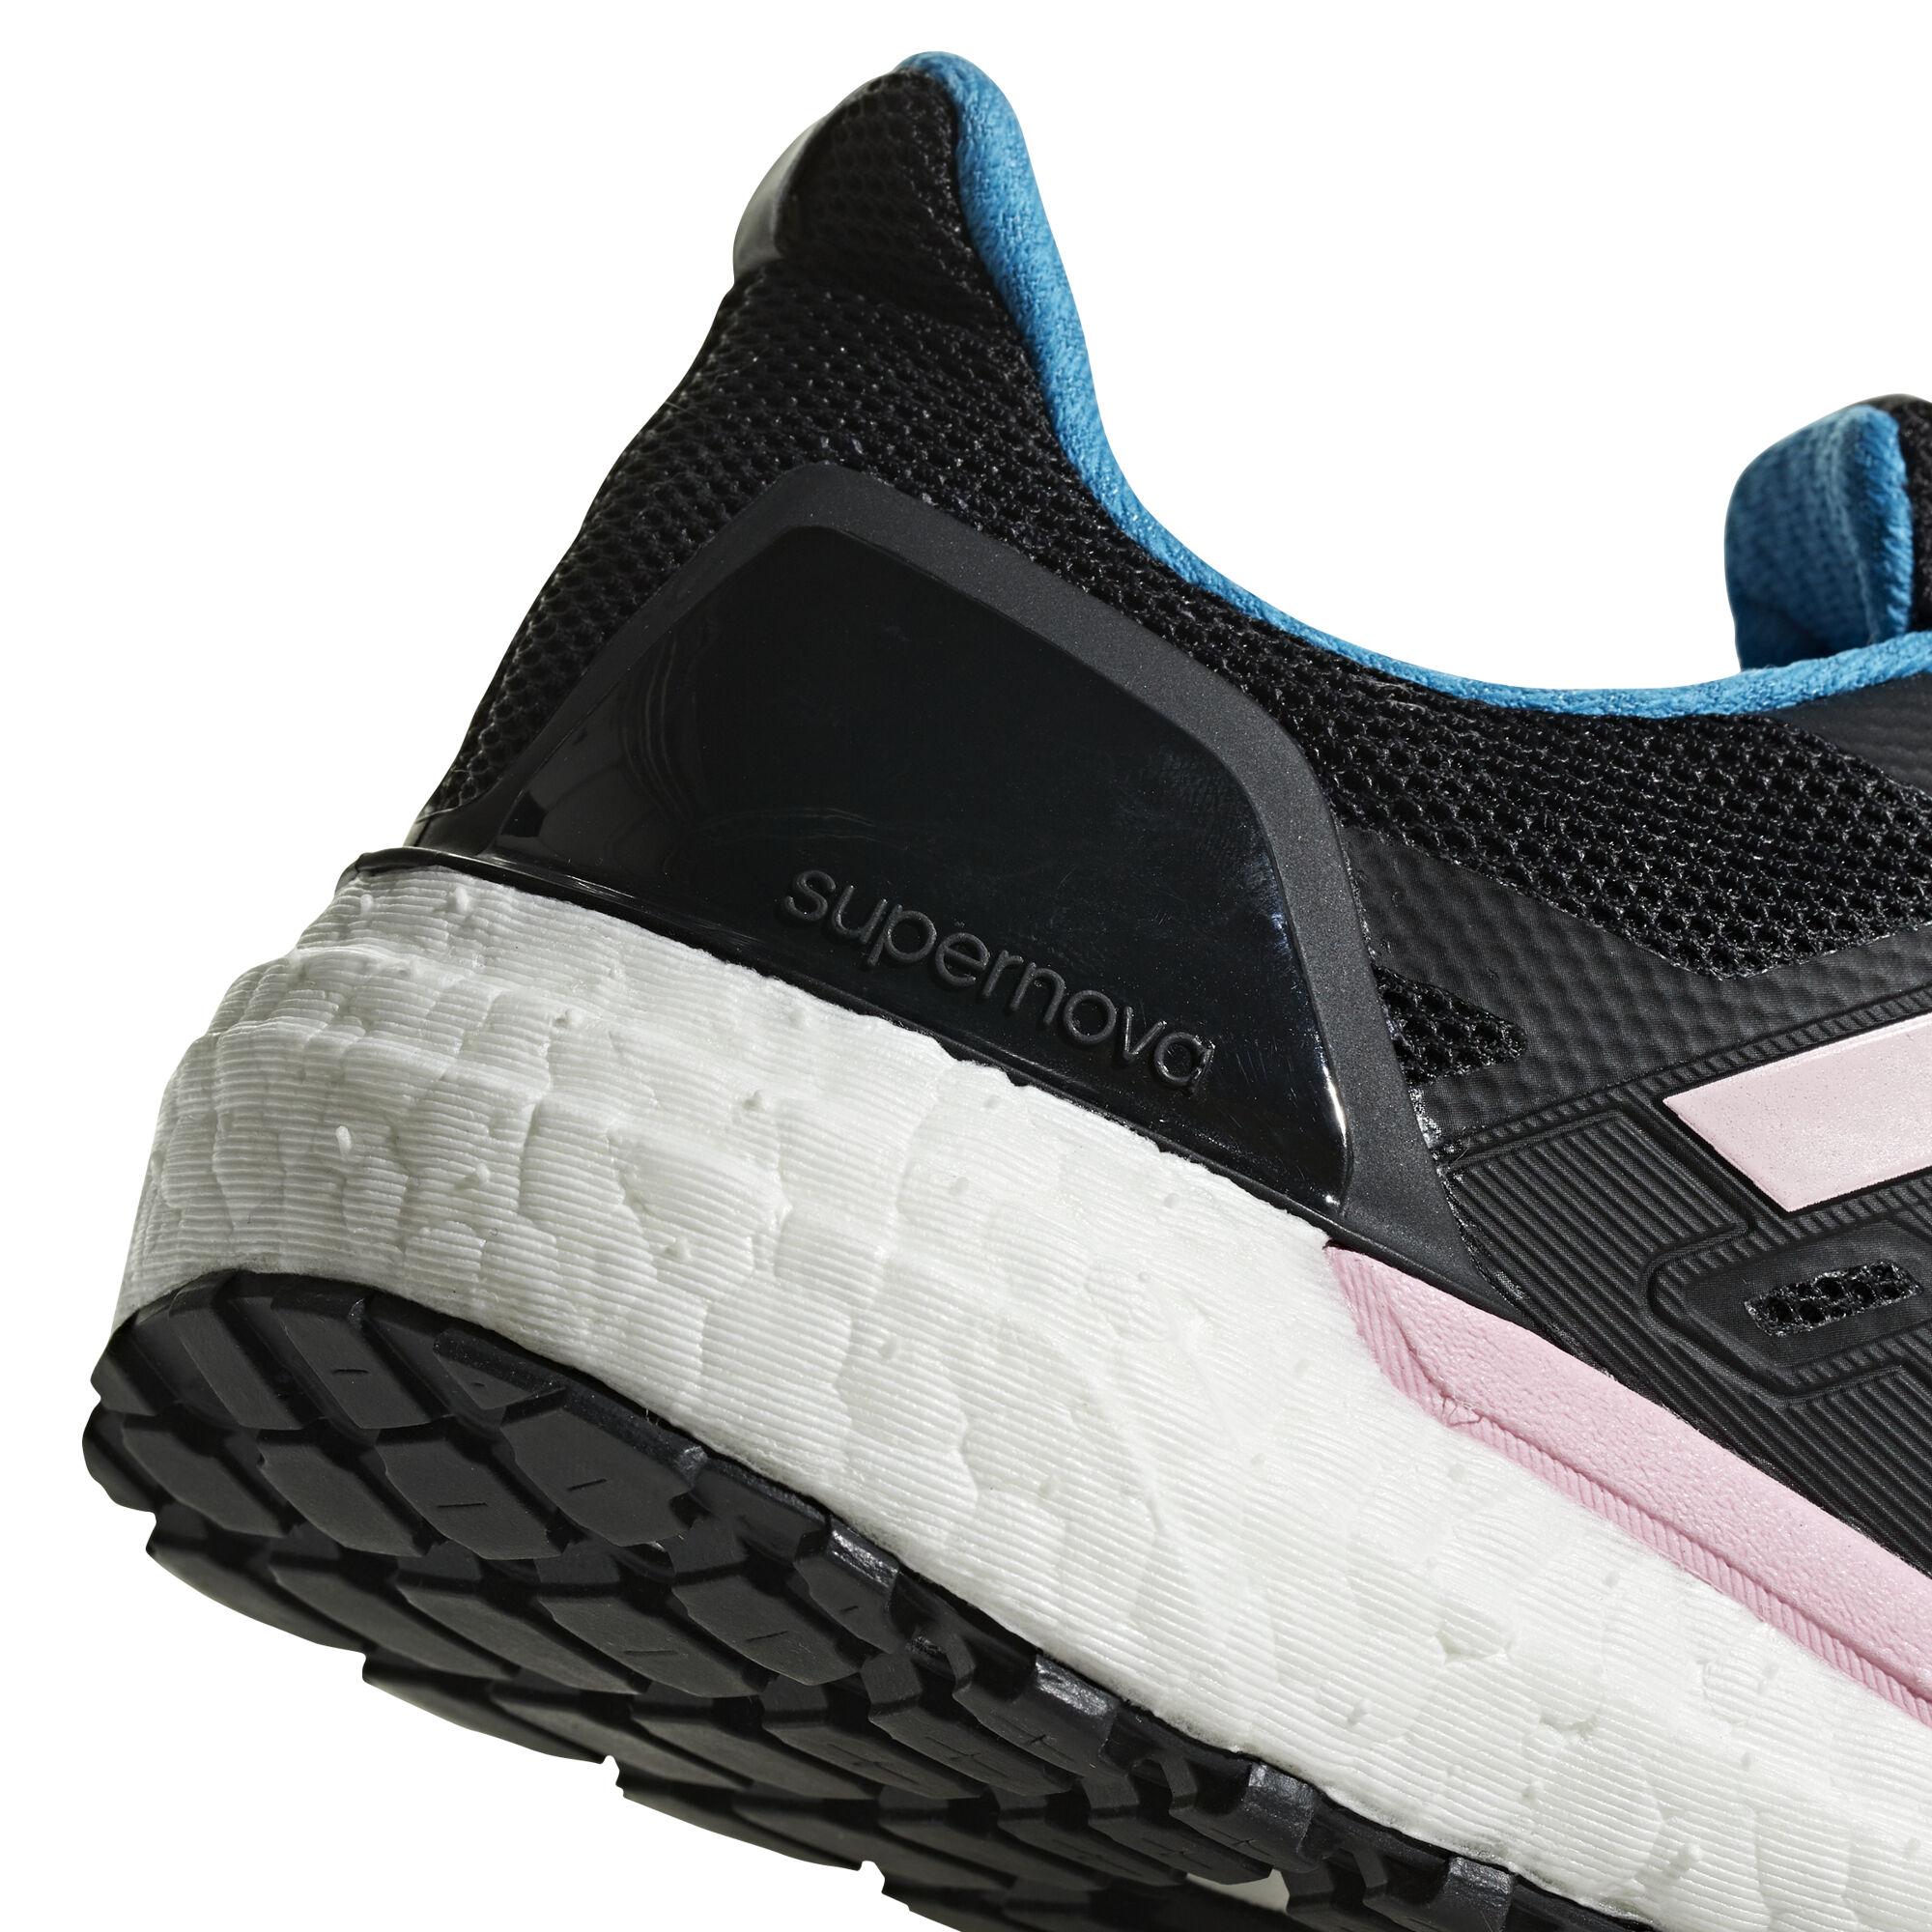 adidas Supernova GTX Neutral Running Shoe Women Black, Pink